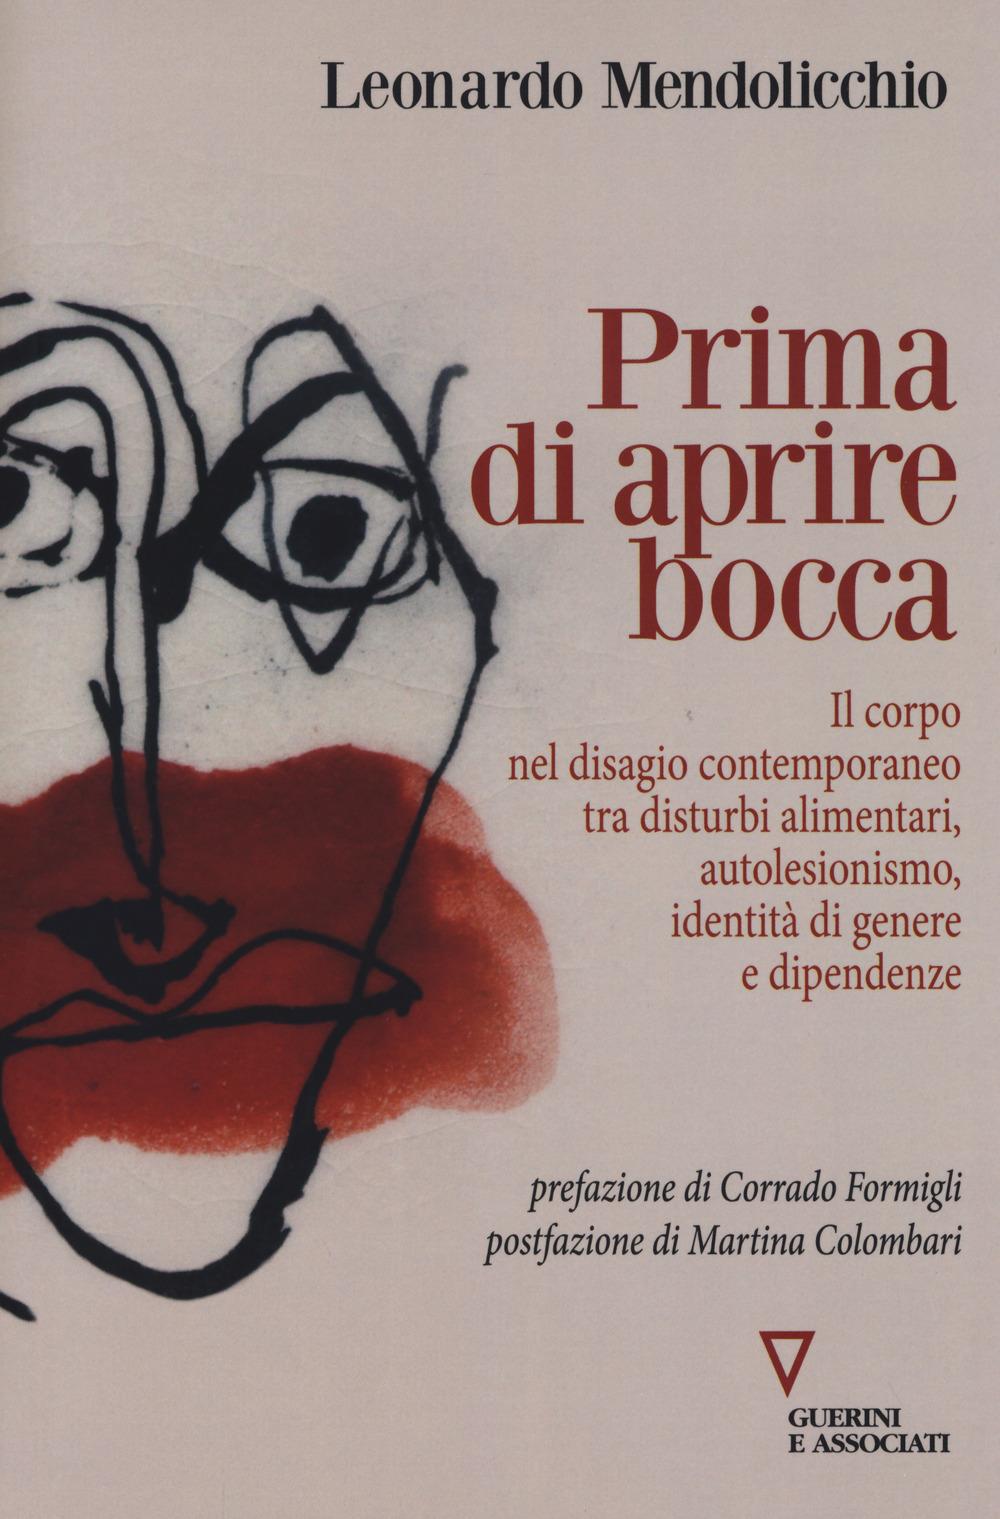 Prima di aprire bocca – Leonardo Mendolicchio